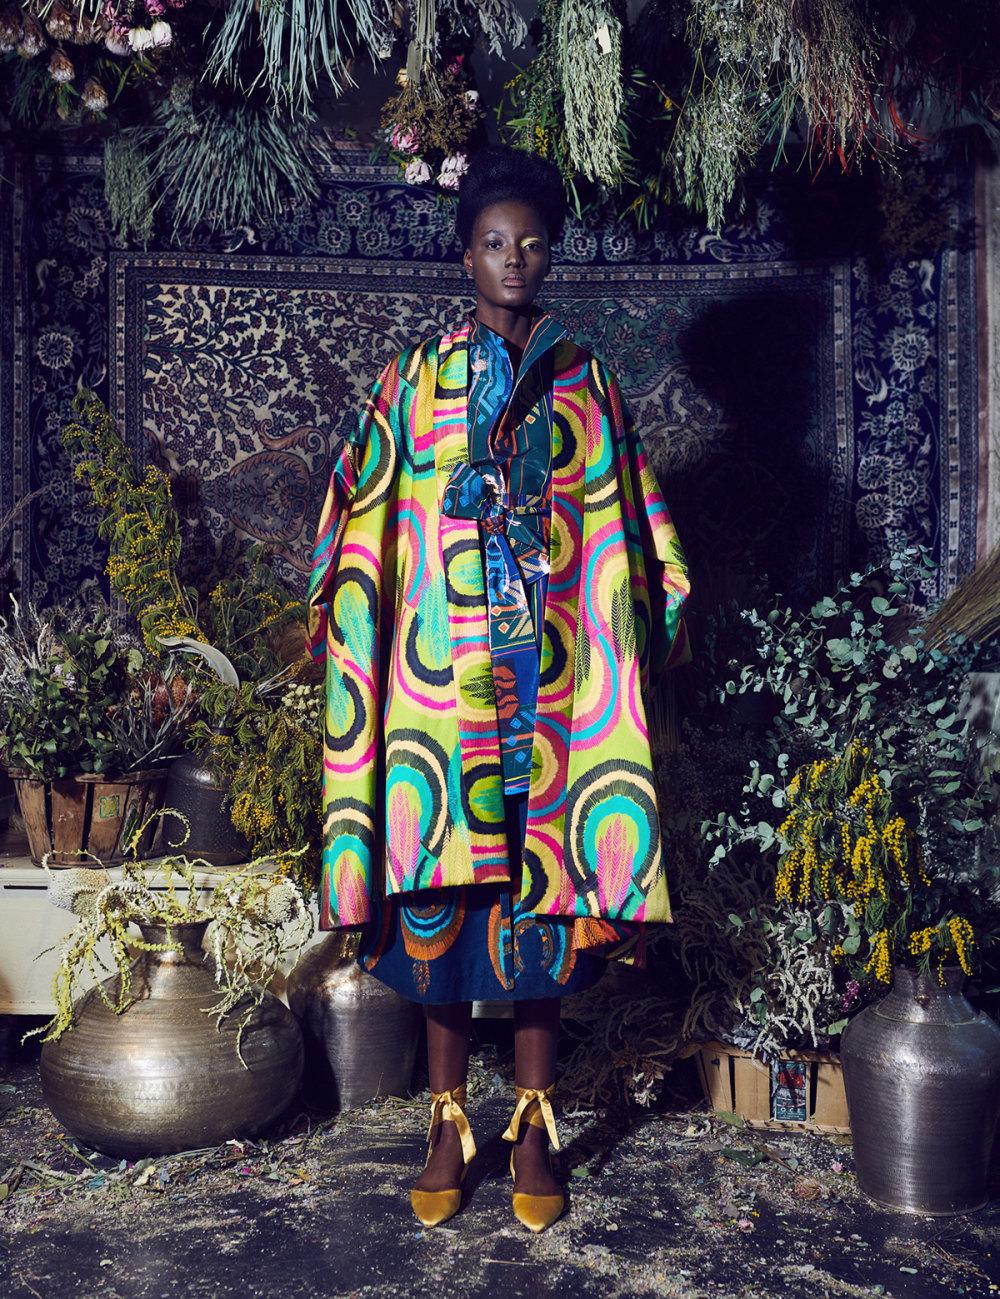 Rianna+Nina时装系列定制的夹克和金属光泽的七分裤定义未来主义-26.jpg